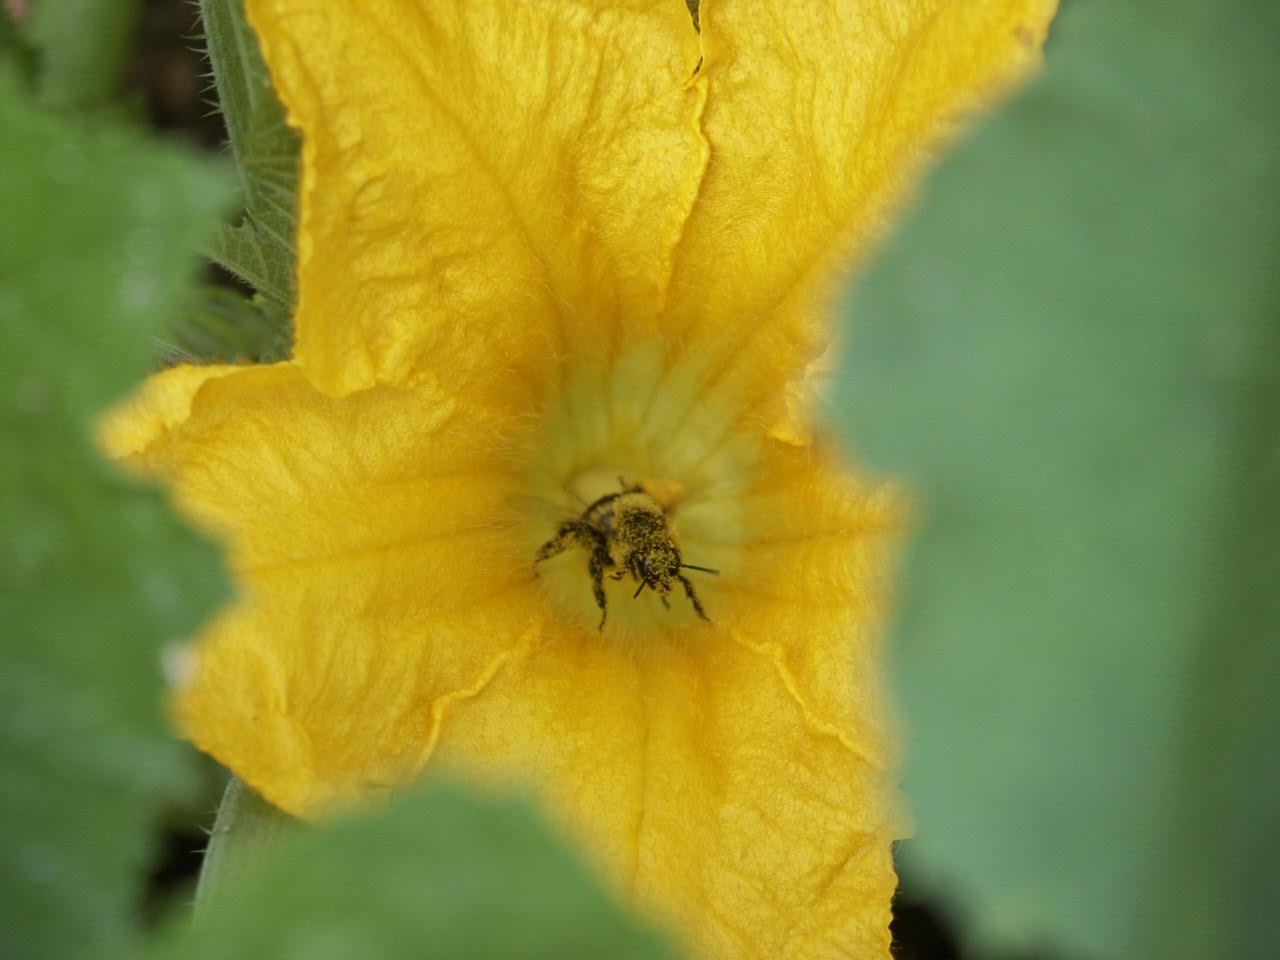 bee in squash pollen